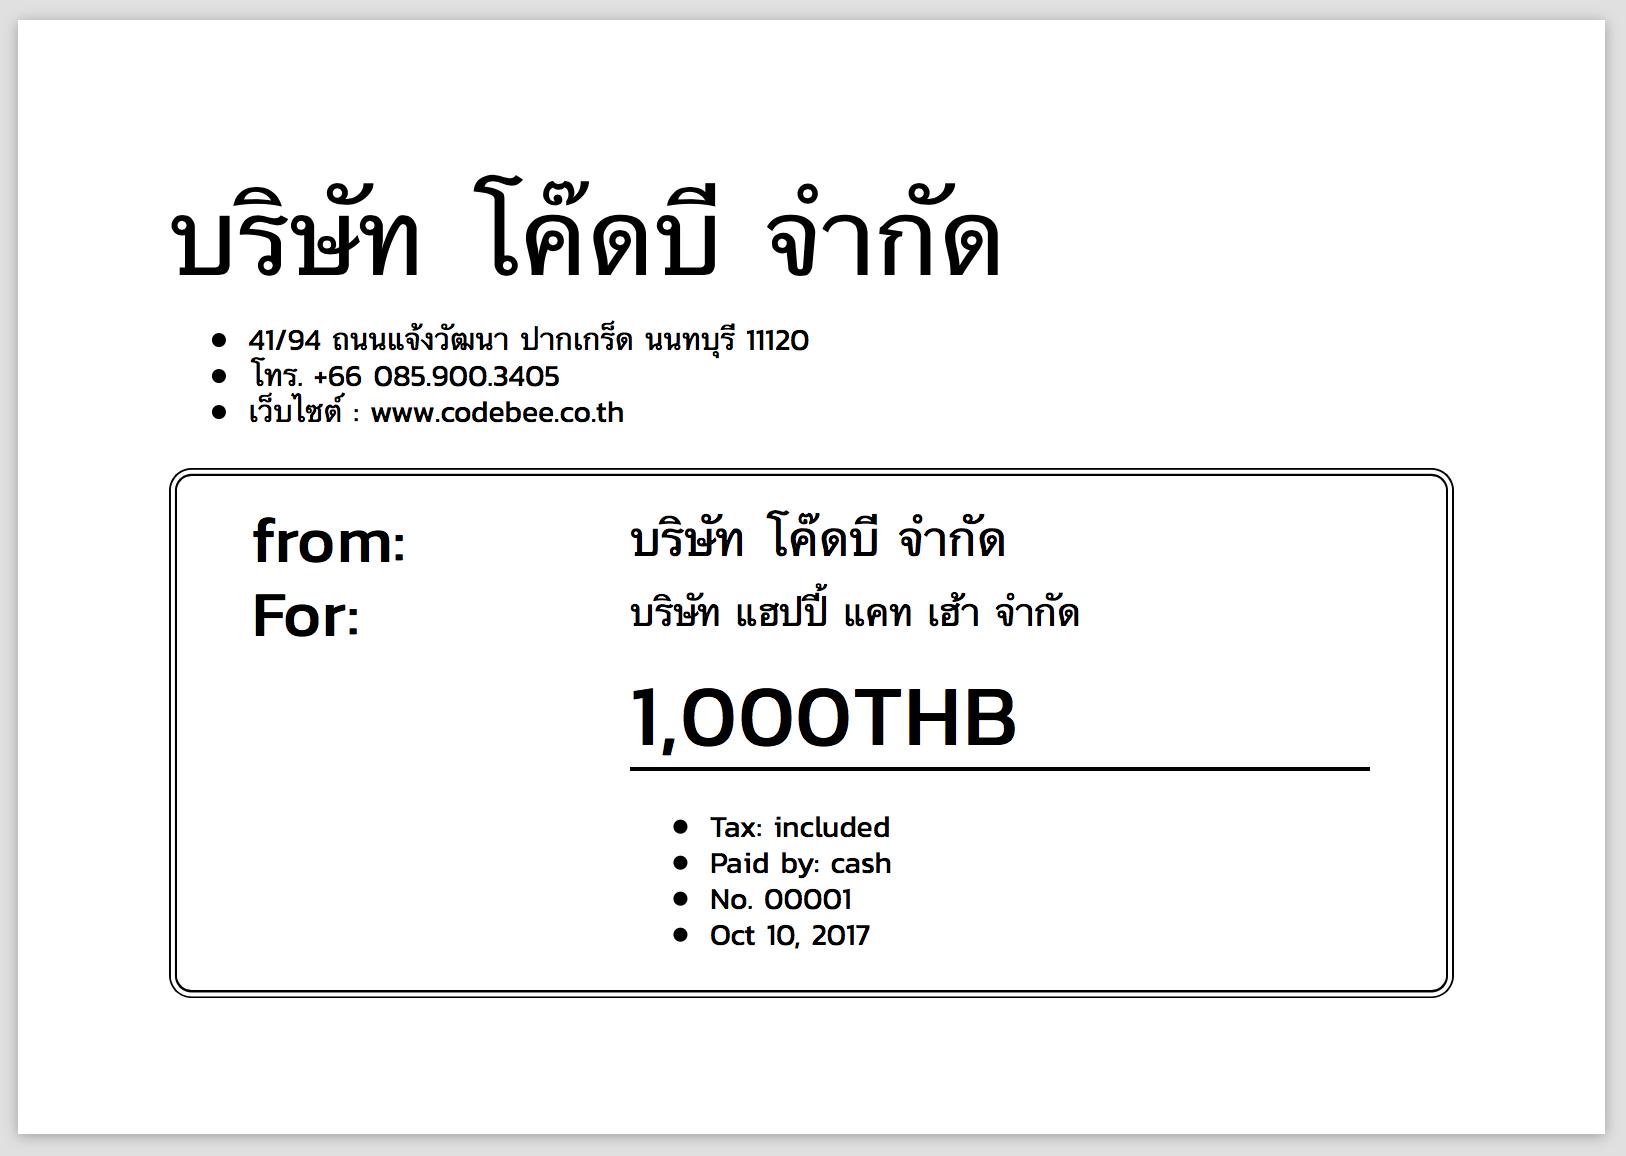 แปลง html เป็น pdf รองรับภาษาไทย ด้วย mPdf และ codeigniter